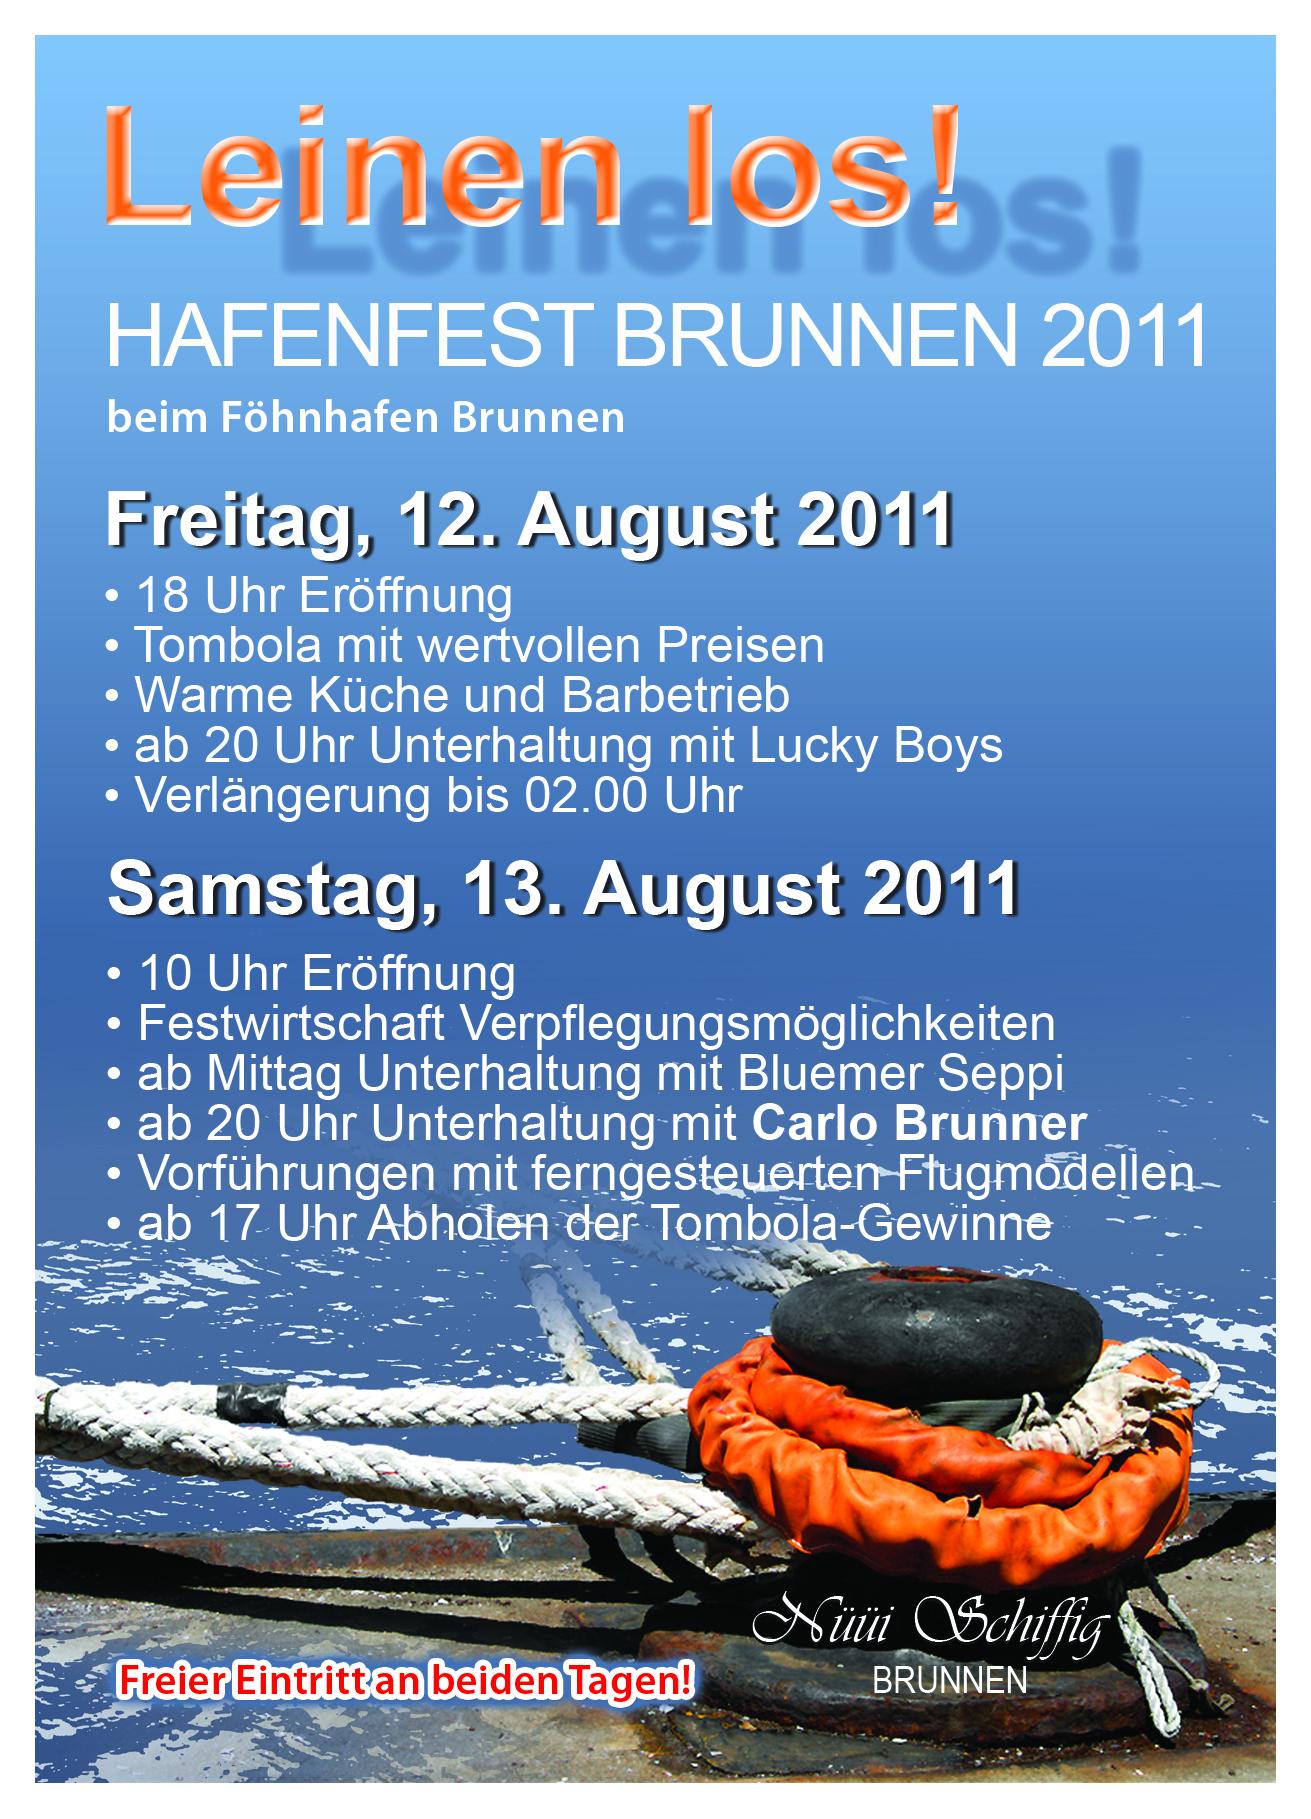 igf-hafenfest-brunnen-2011-02